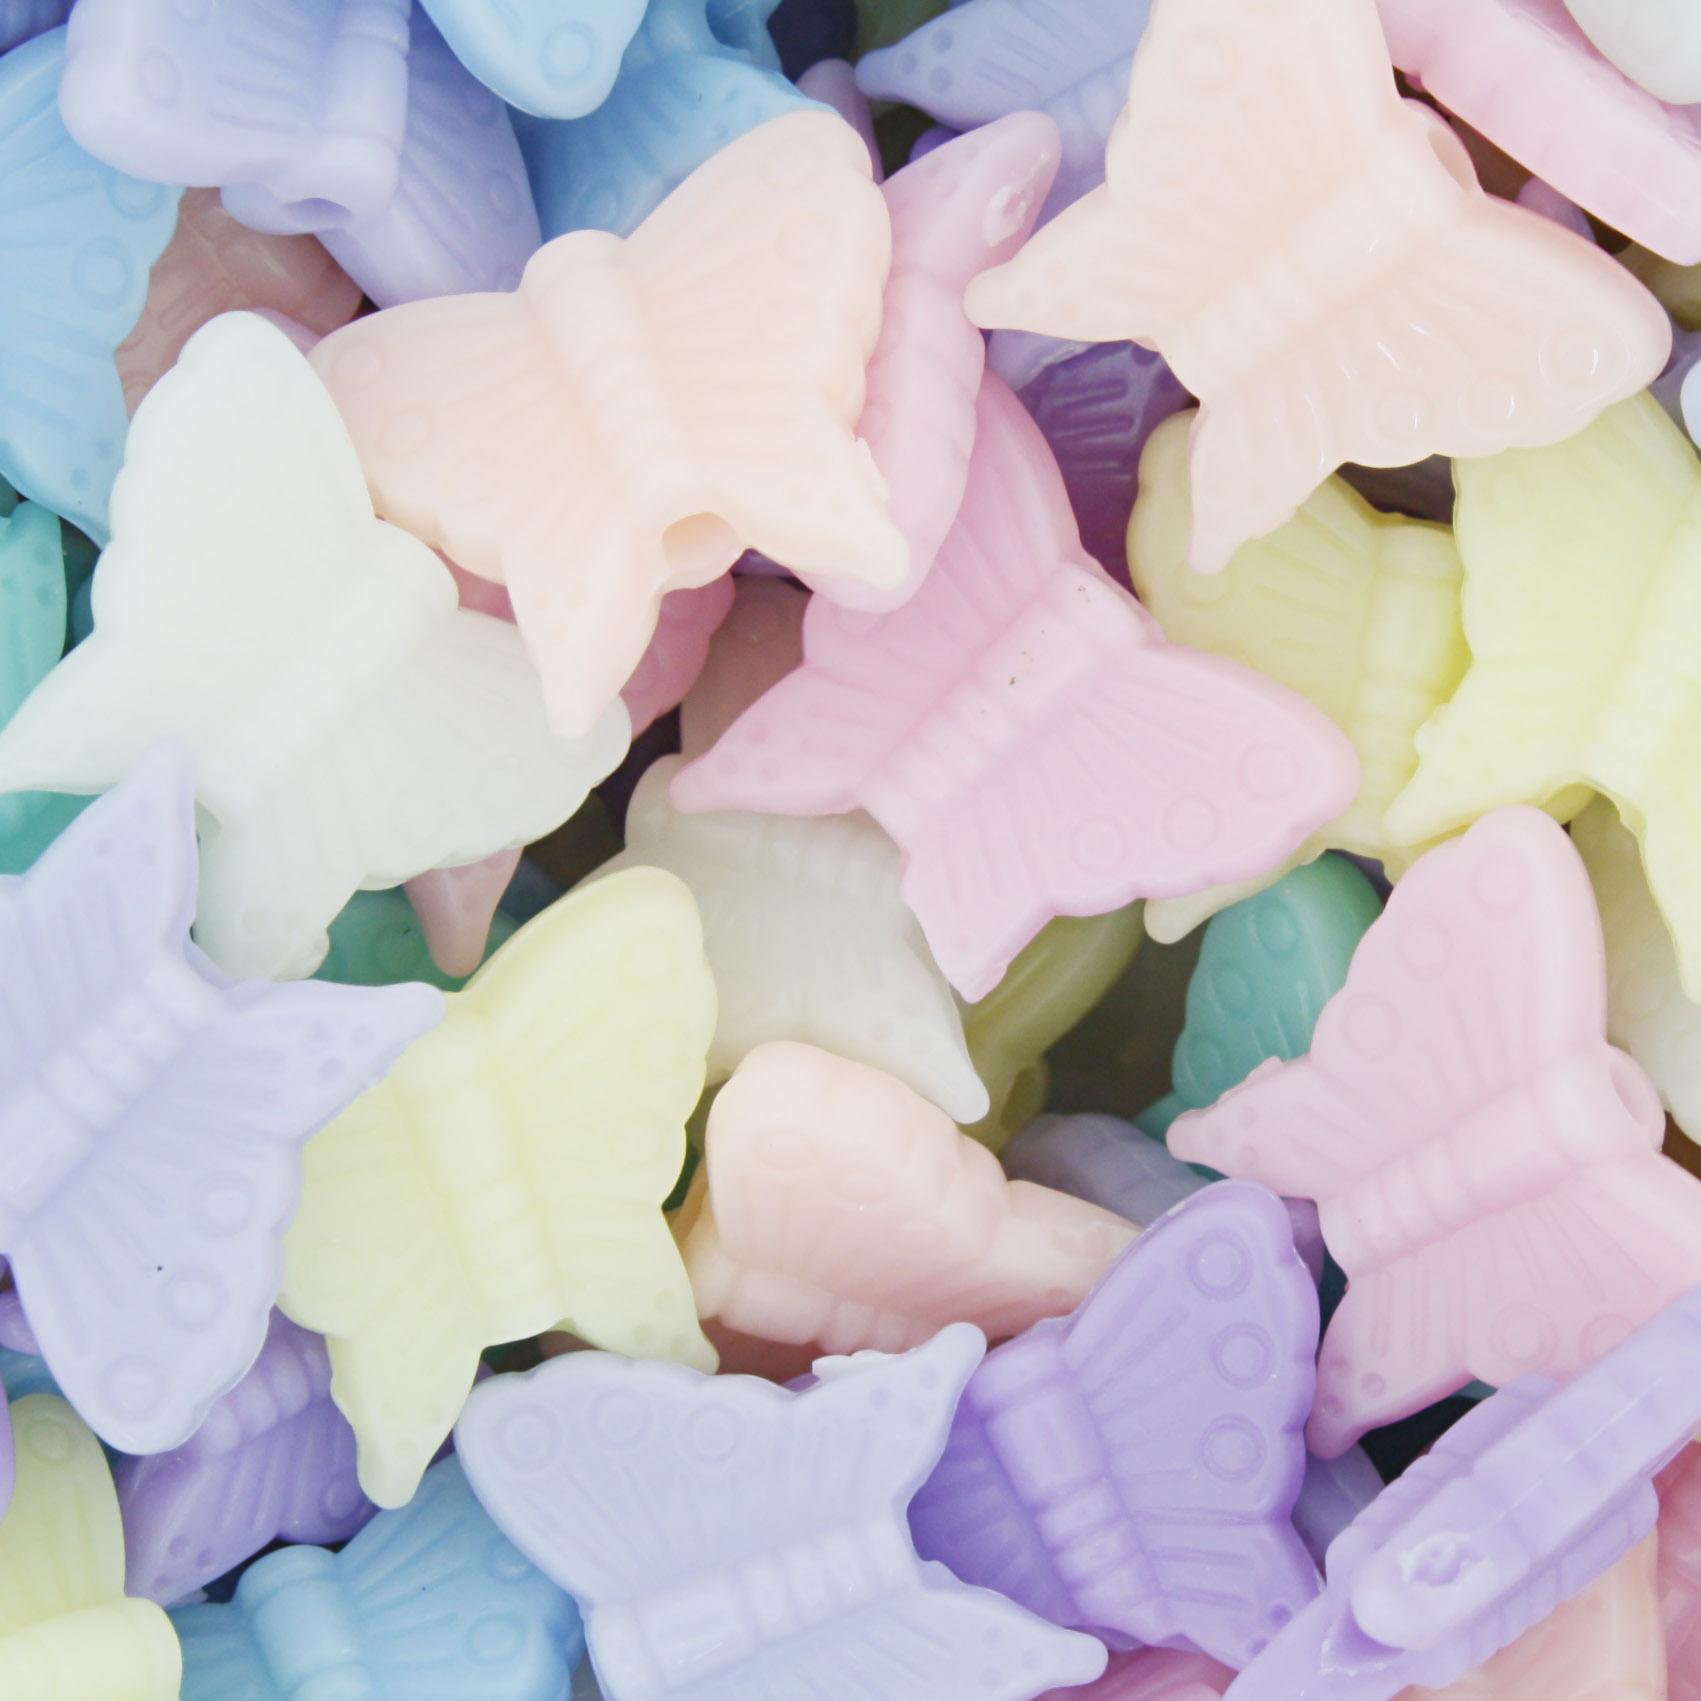 Miçanga Colorida Infantil - Borboletas Candy  - Stéphanie Bijoux® - Peças para Bijuterias e Artesanato